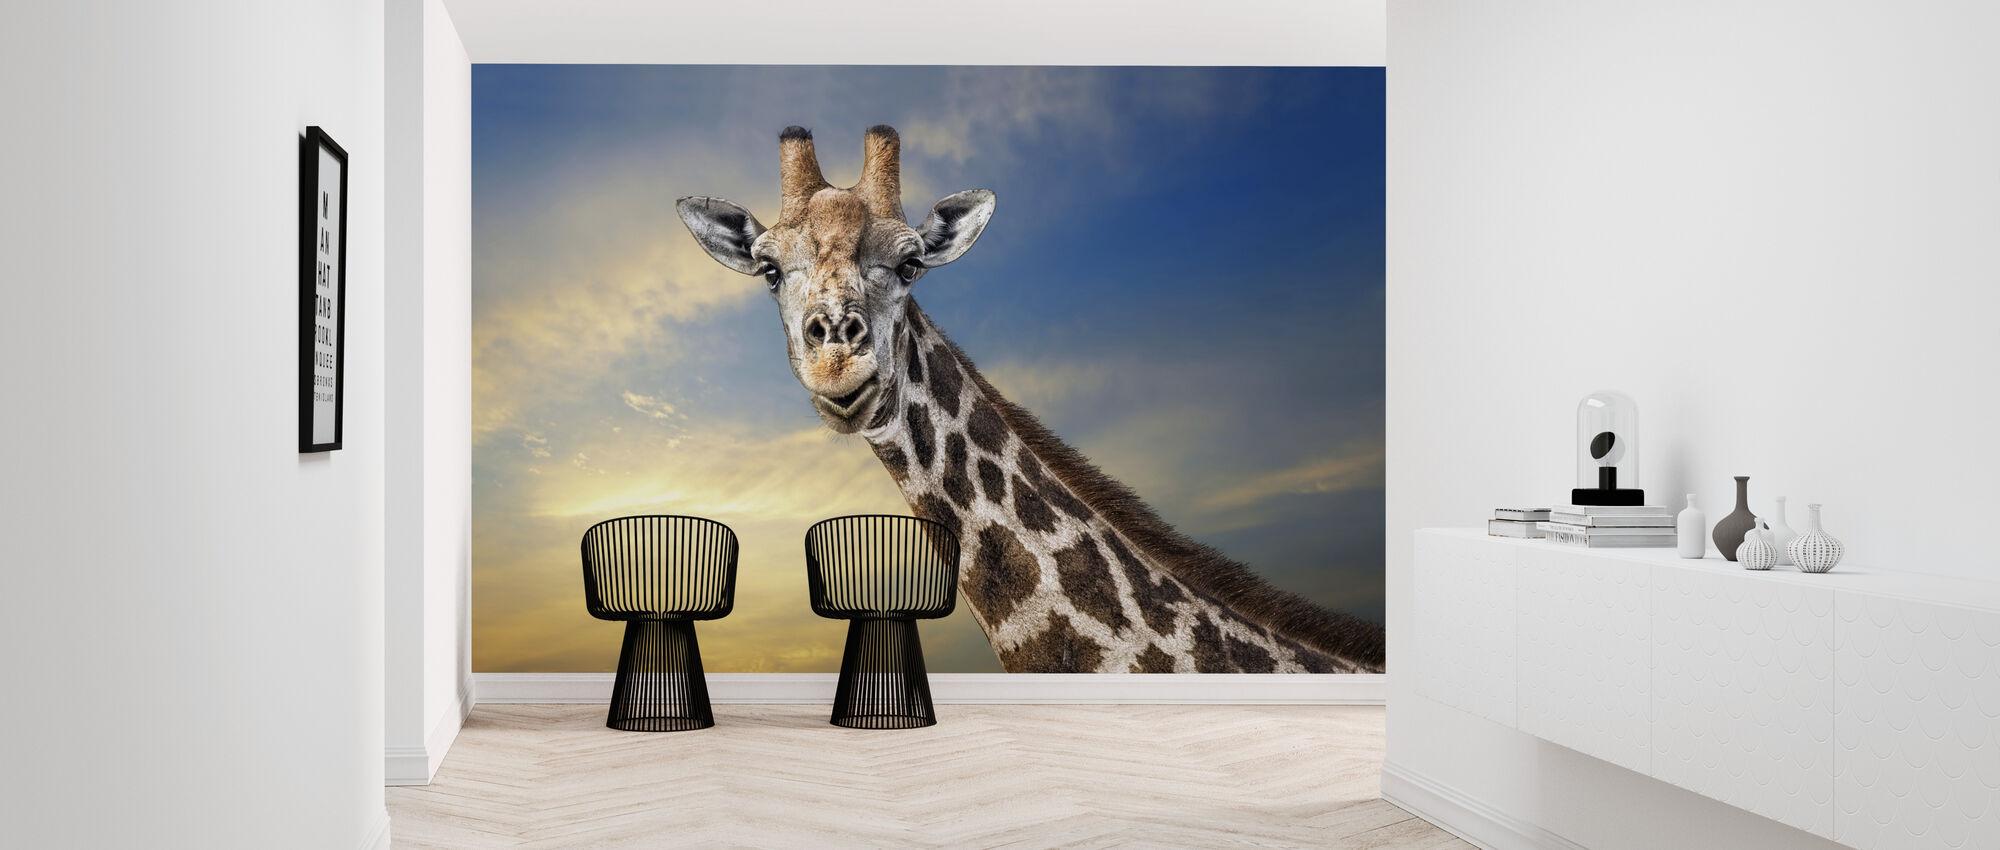 Freundliche Giraffe - Tapete - Flur